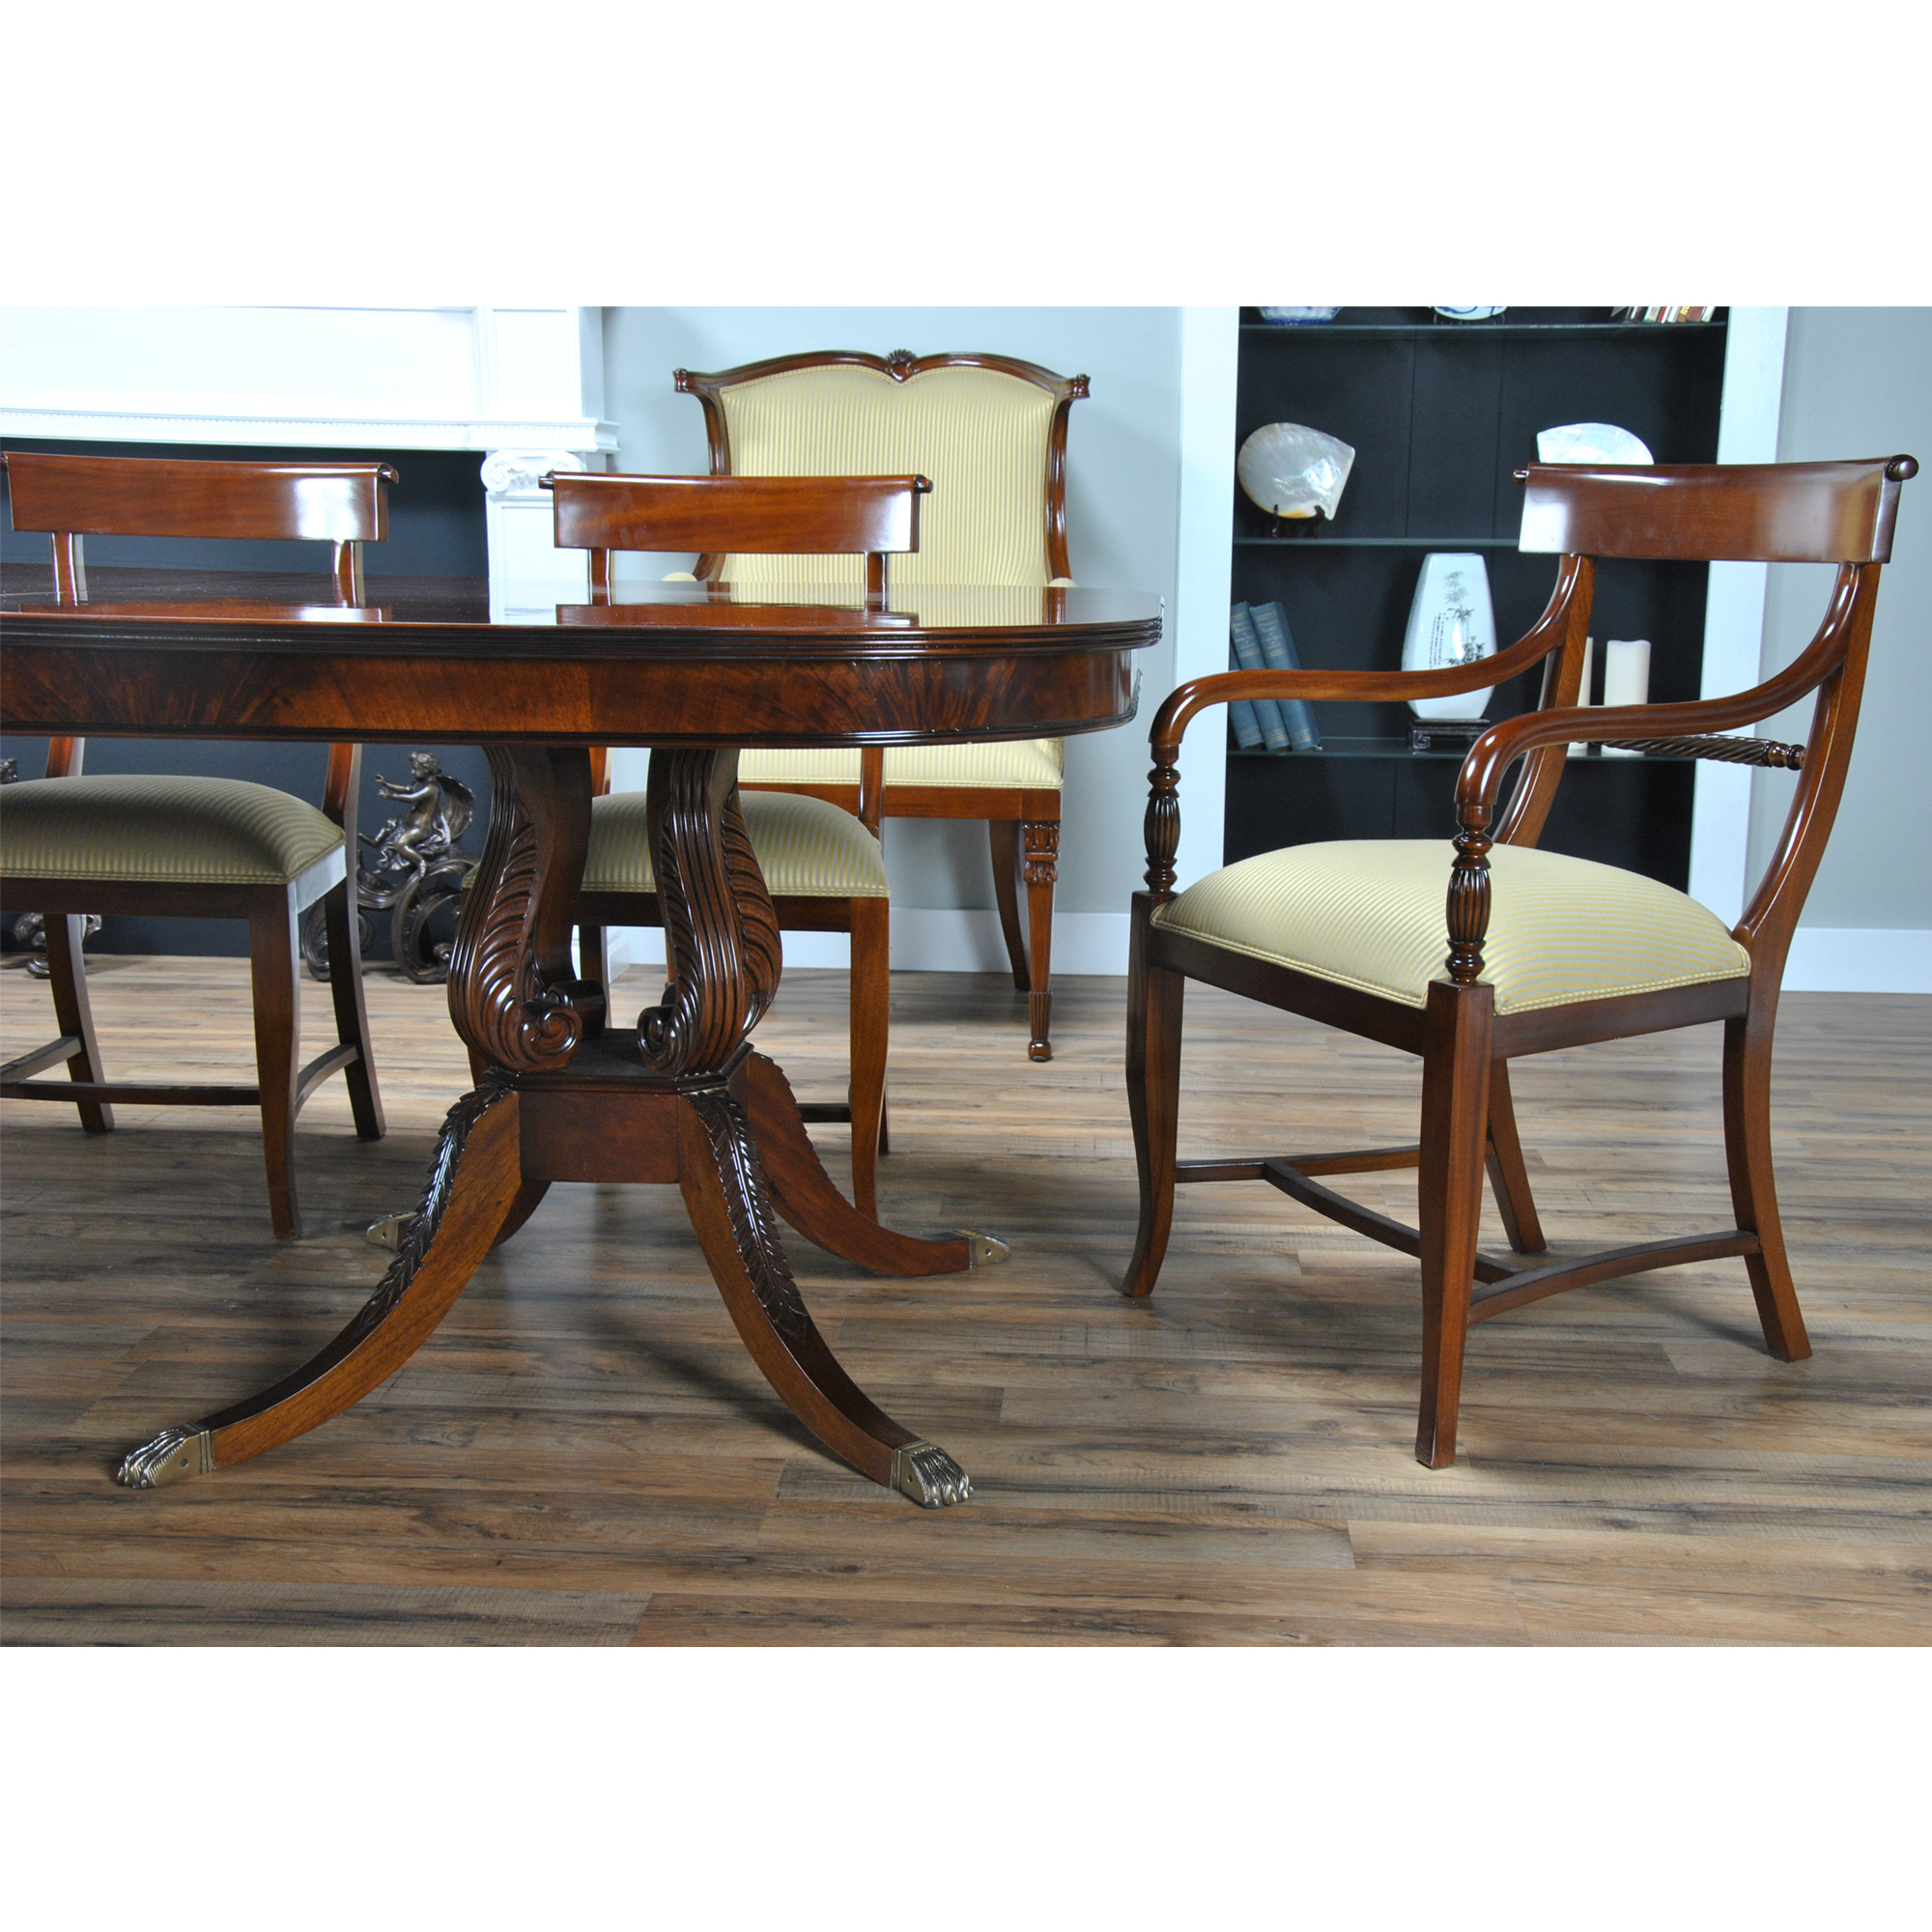 long harp base dining table niagara furniture mahogany table